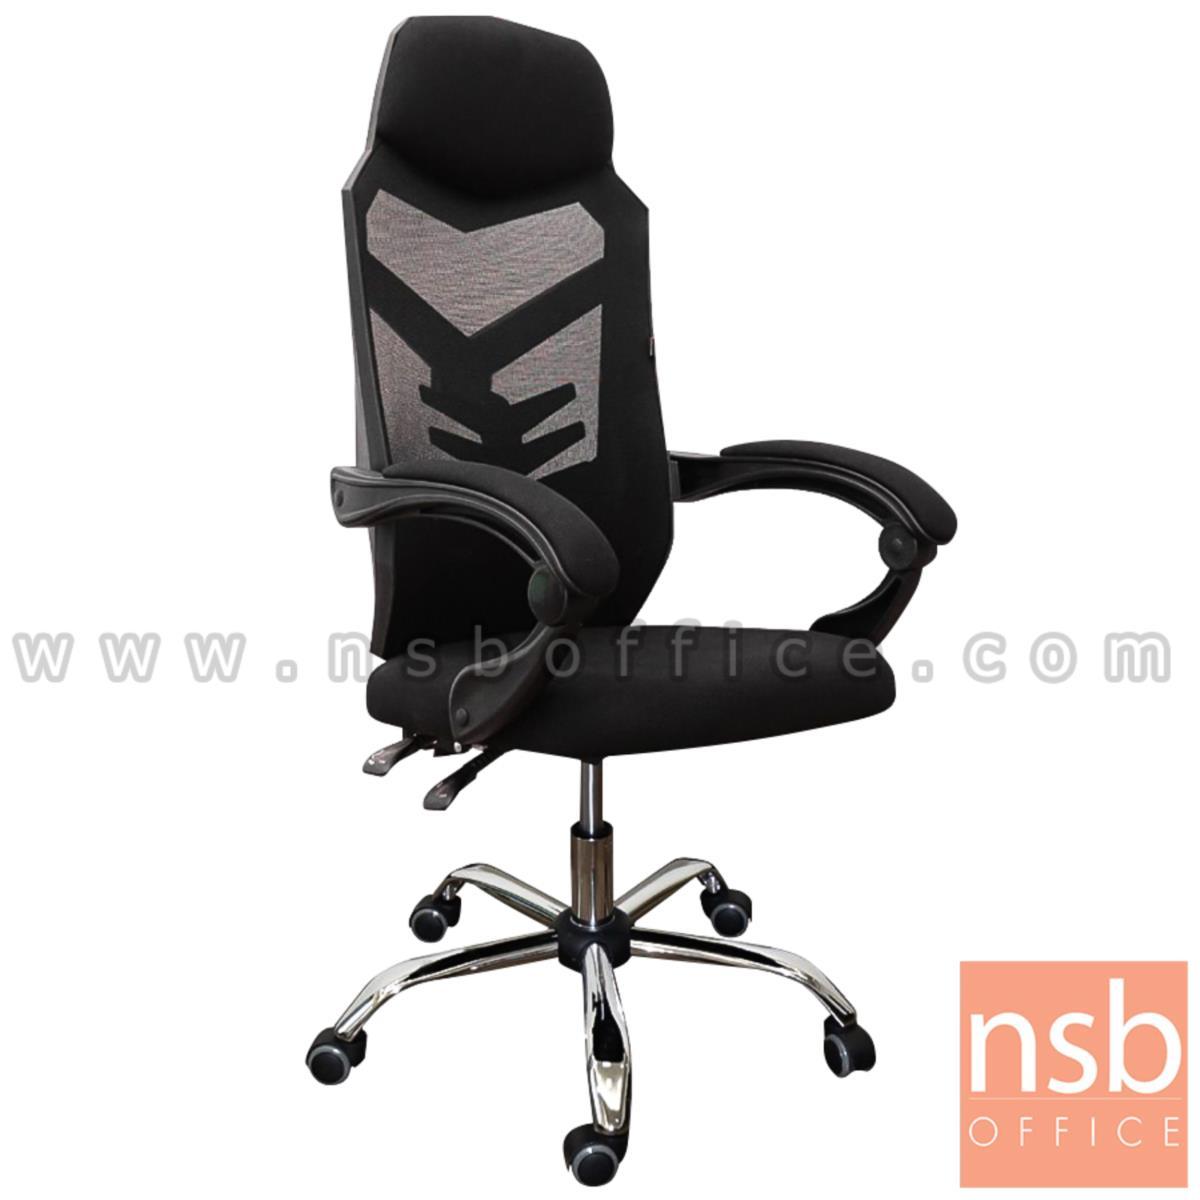 B28A127:เก้าอี้สำนักงานหลังเน็ต รุ่น Megatron (เมกะทรอน)  ขาเหล็กชุบโครเมี่ยม